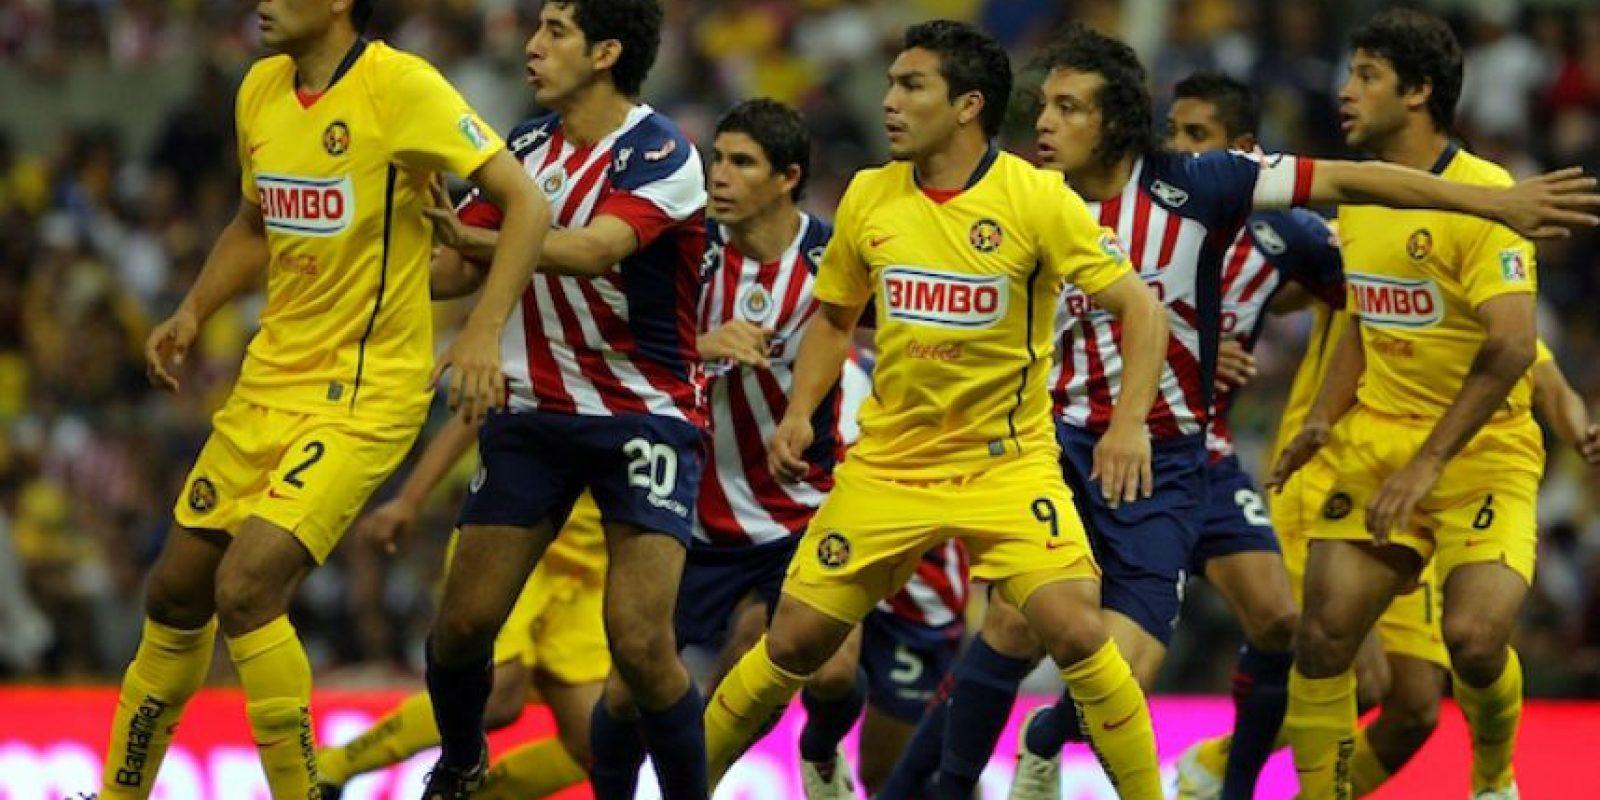 Las razones por las que los aficionados al futbol odian al América Foto:Mexsport